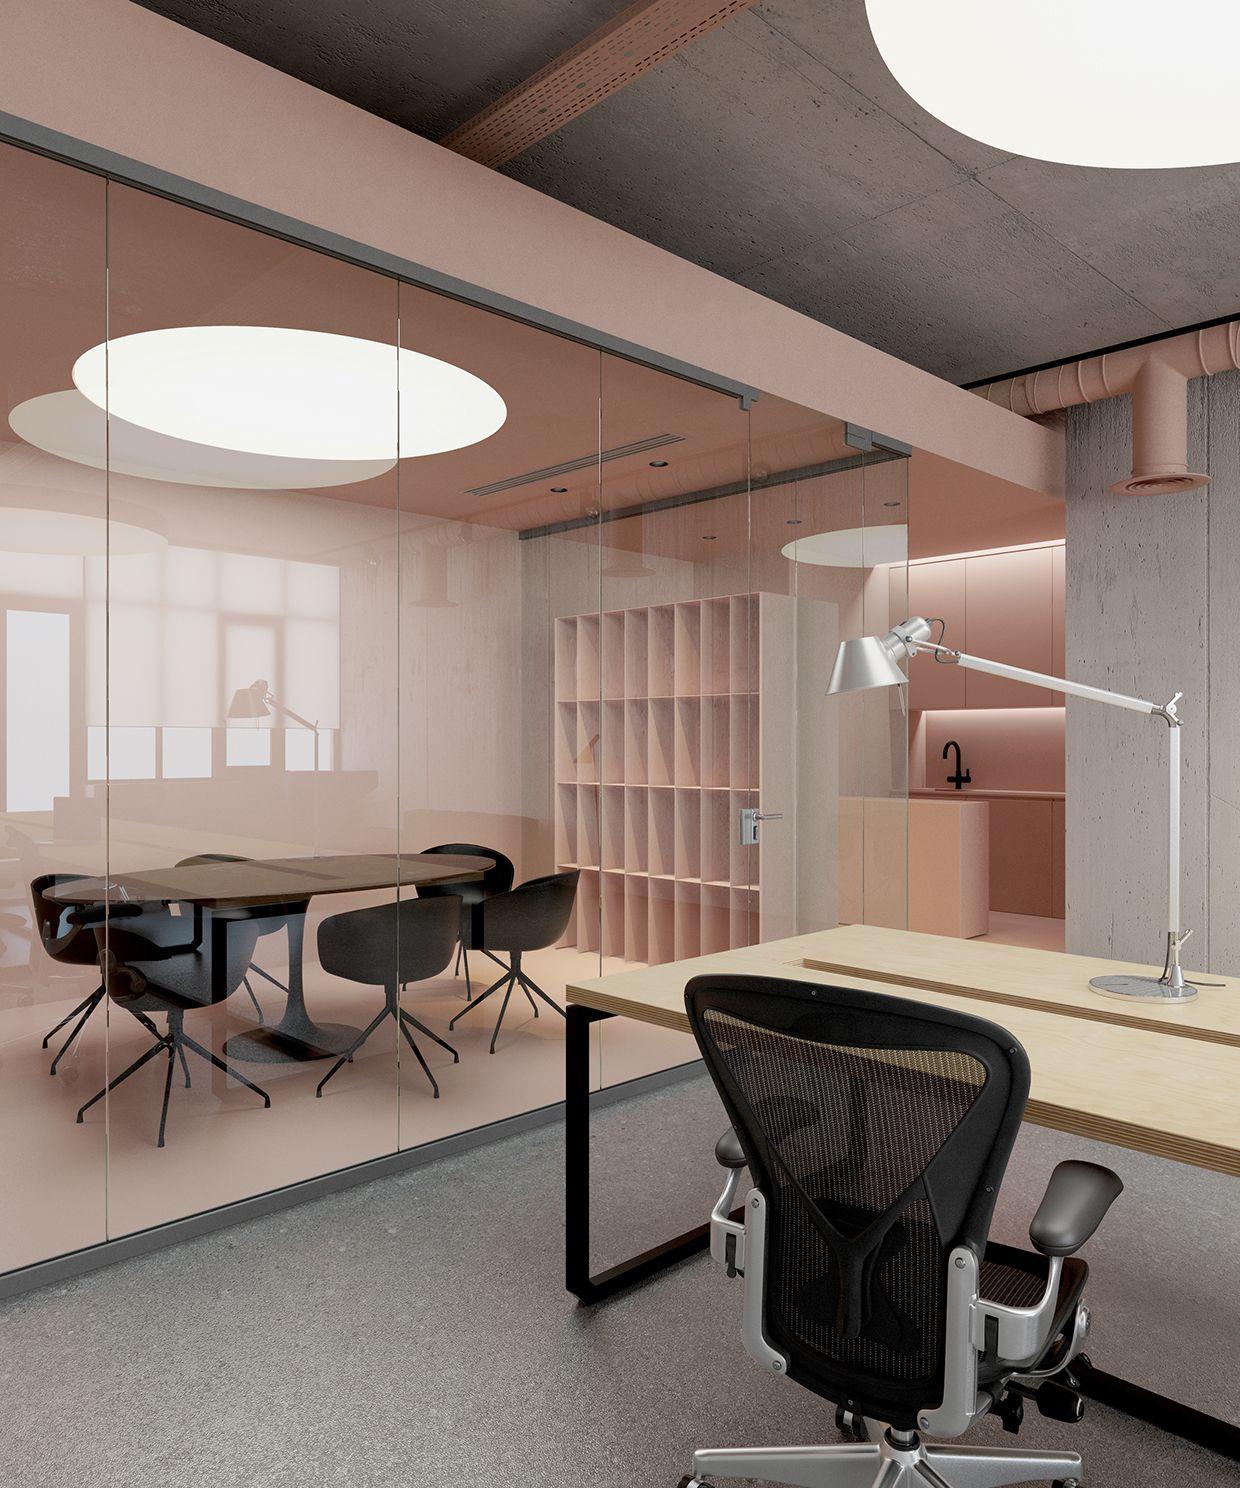 Office P By Emil Dervish Http://mindsparklemag.com/design